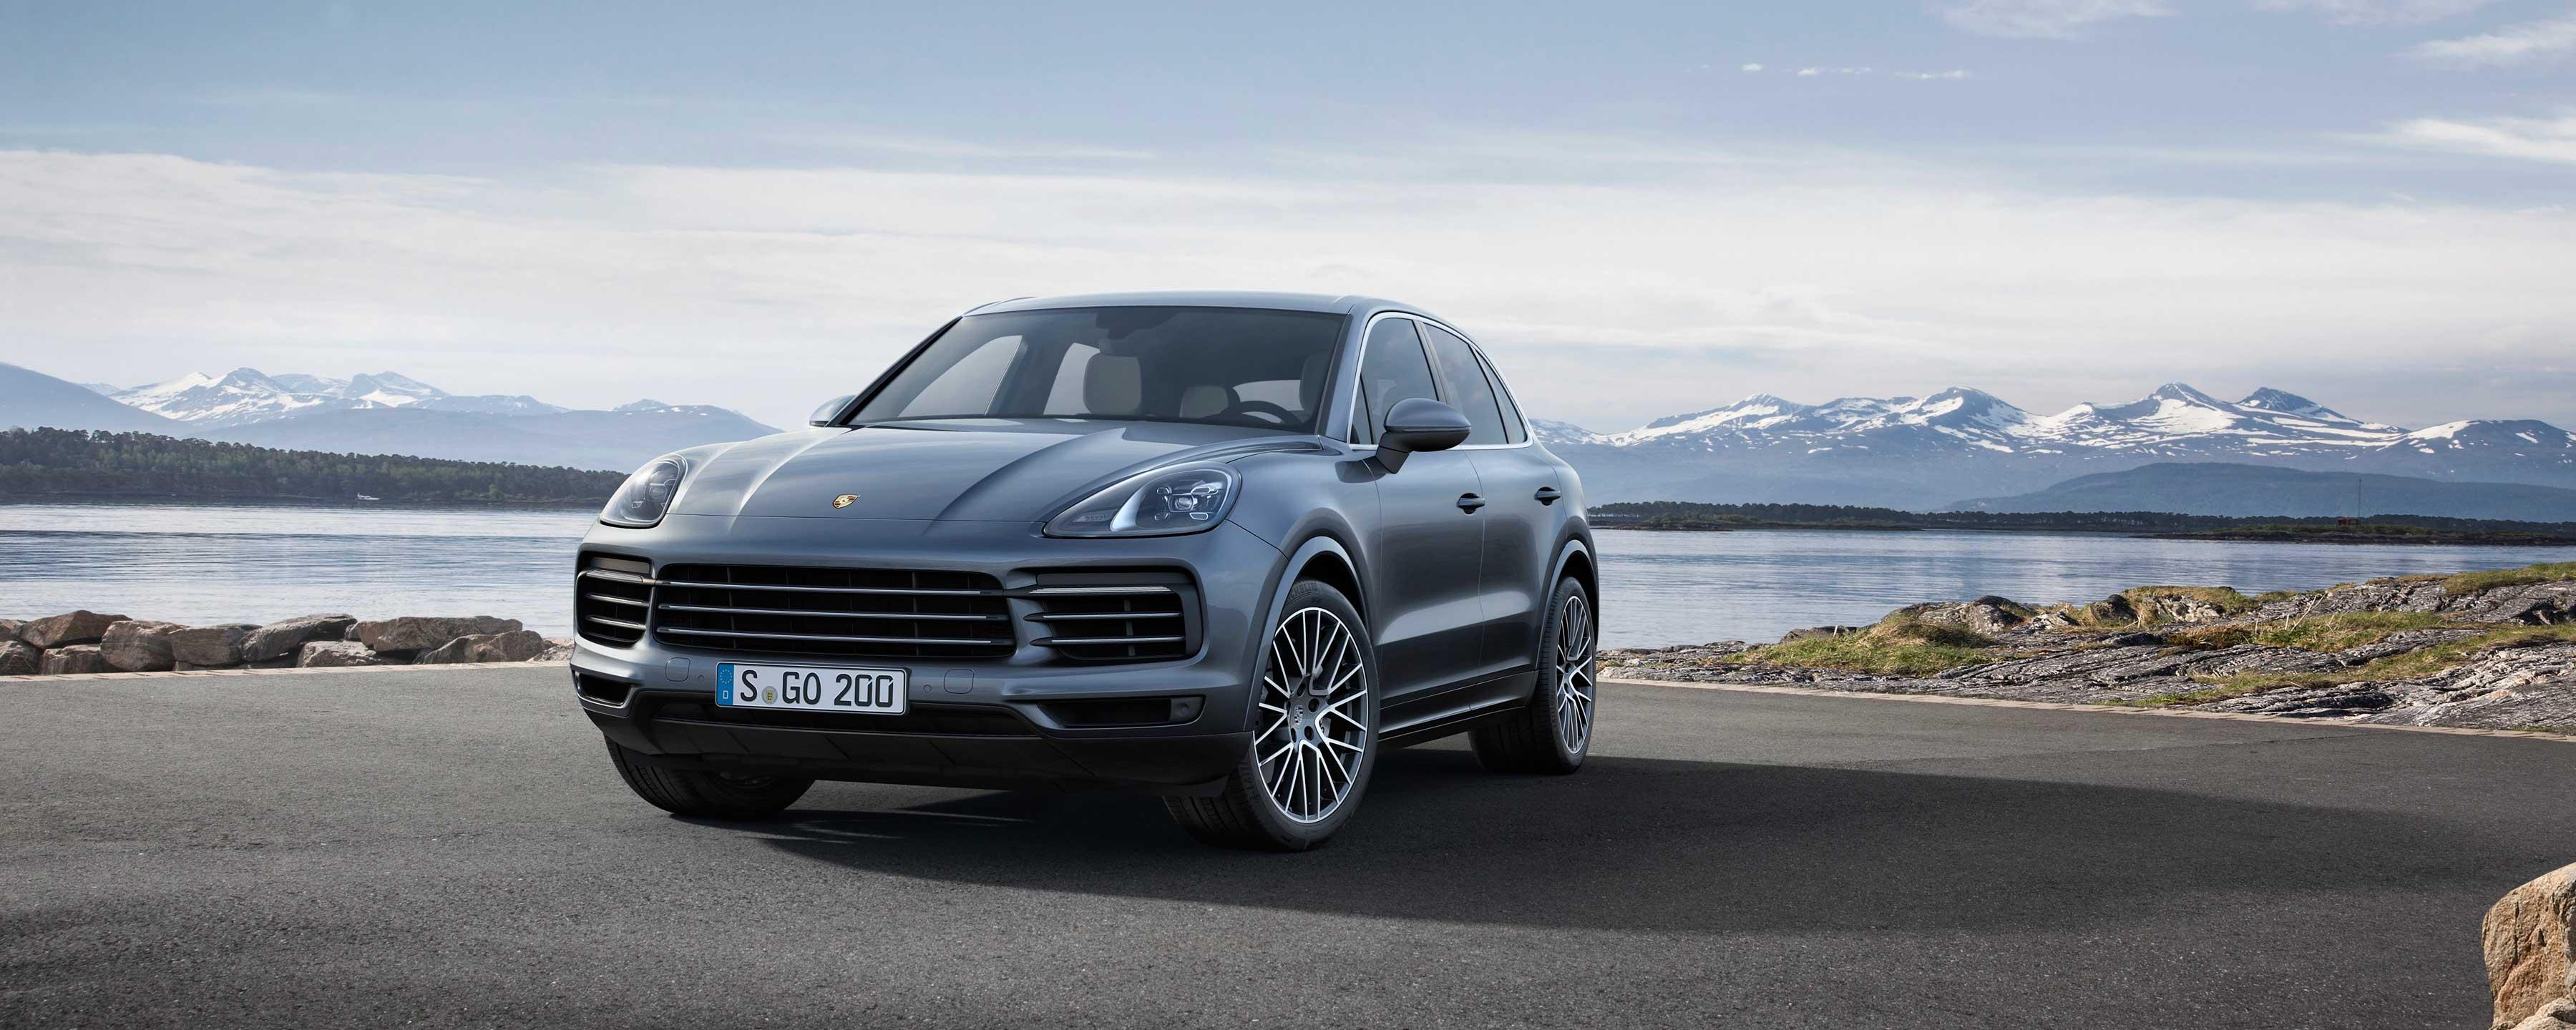 Porsche_Cayenne